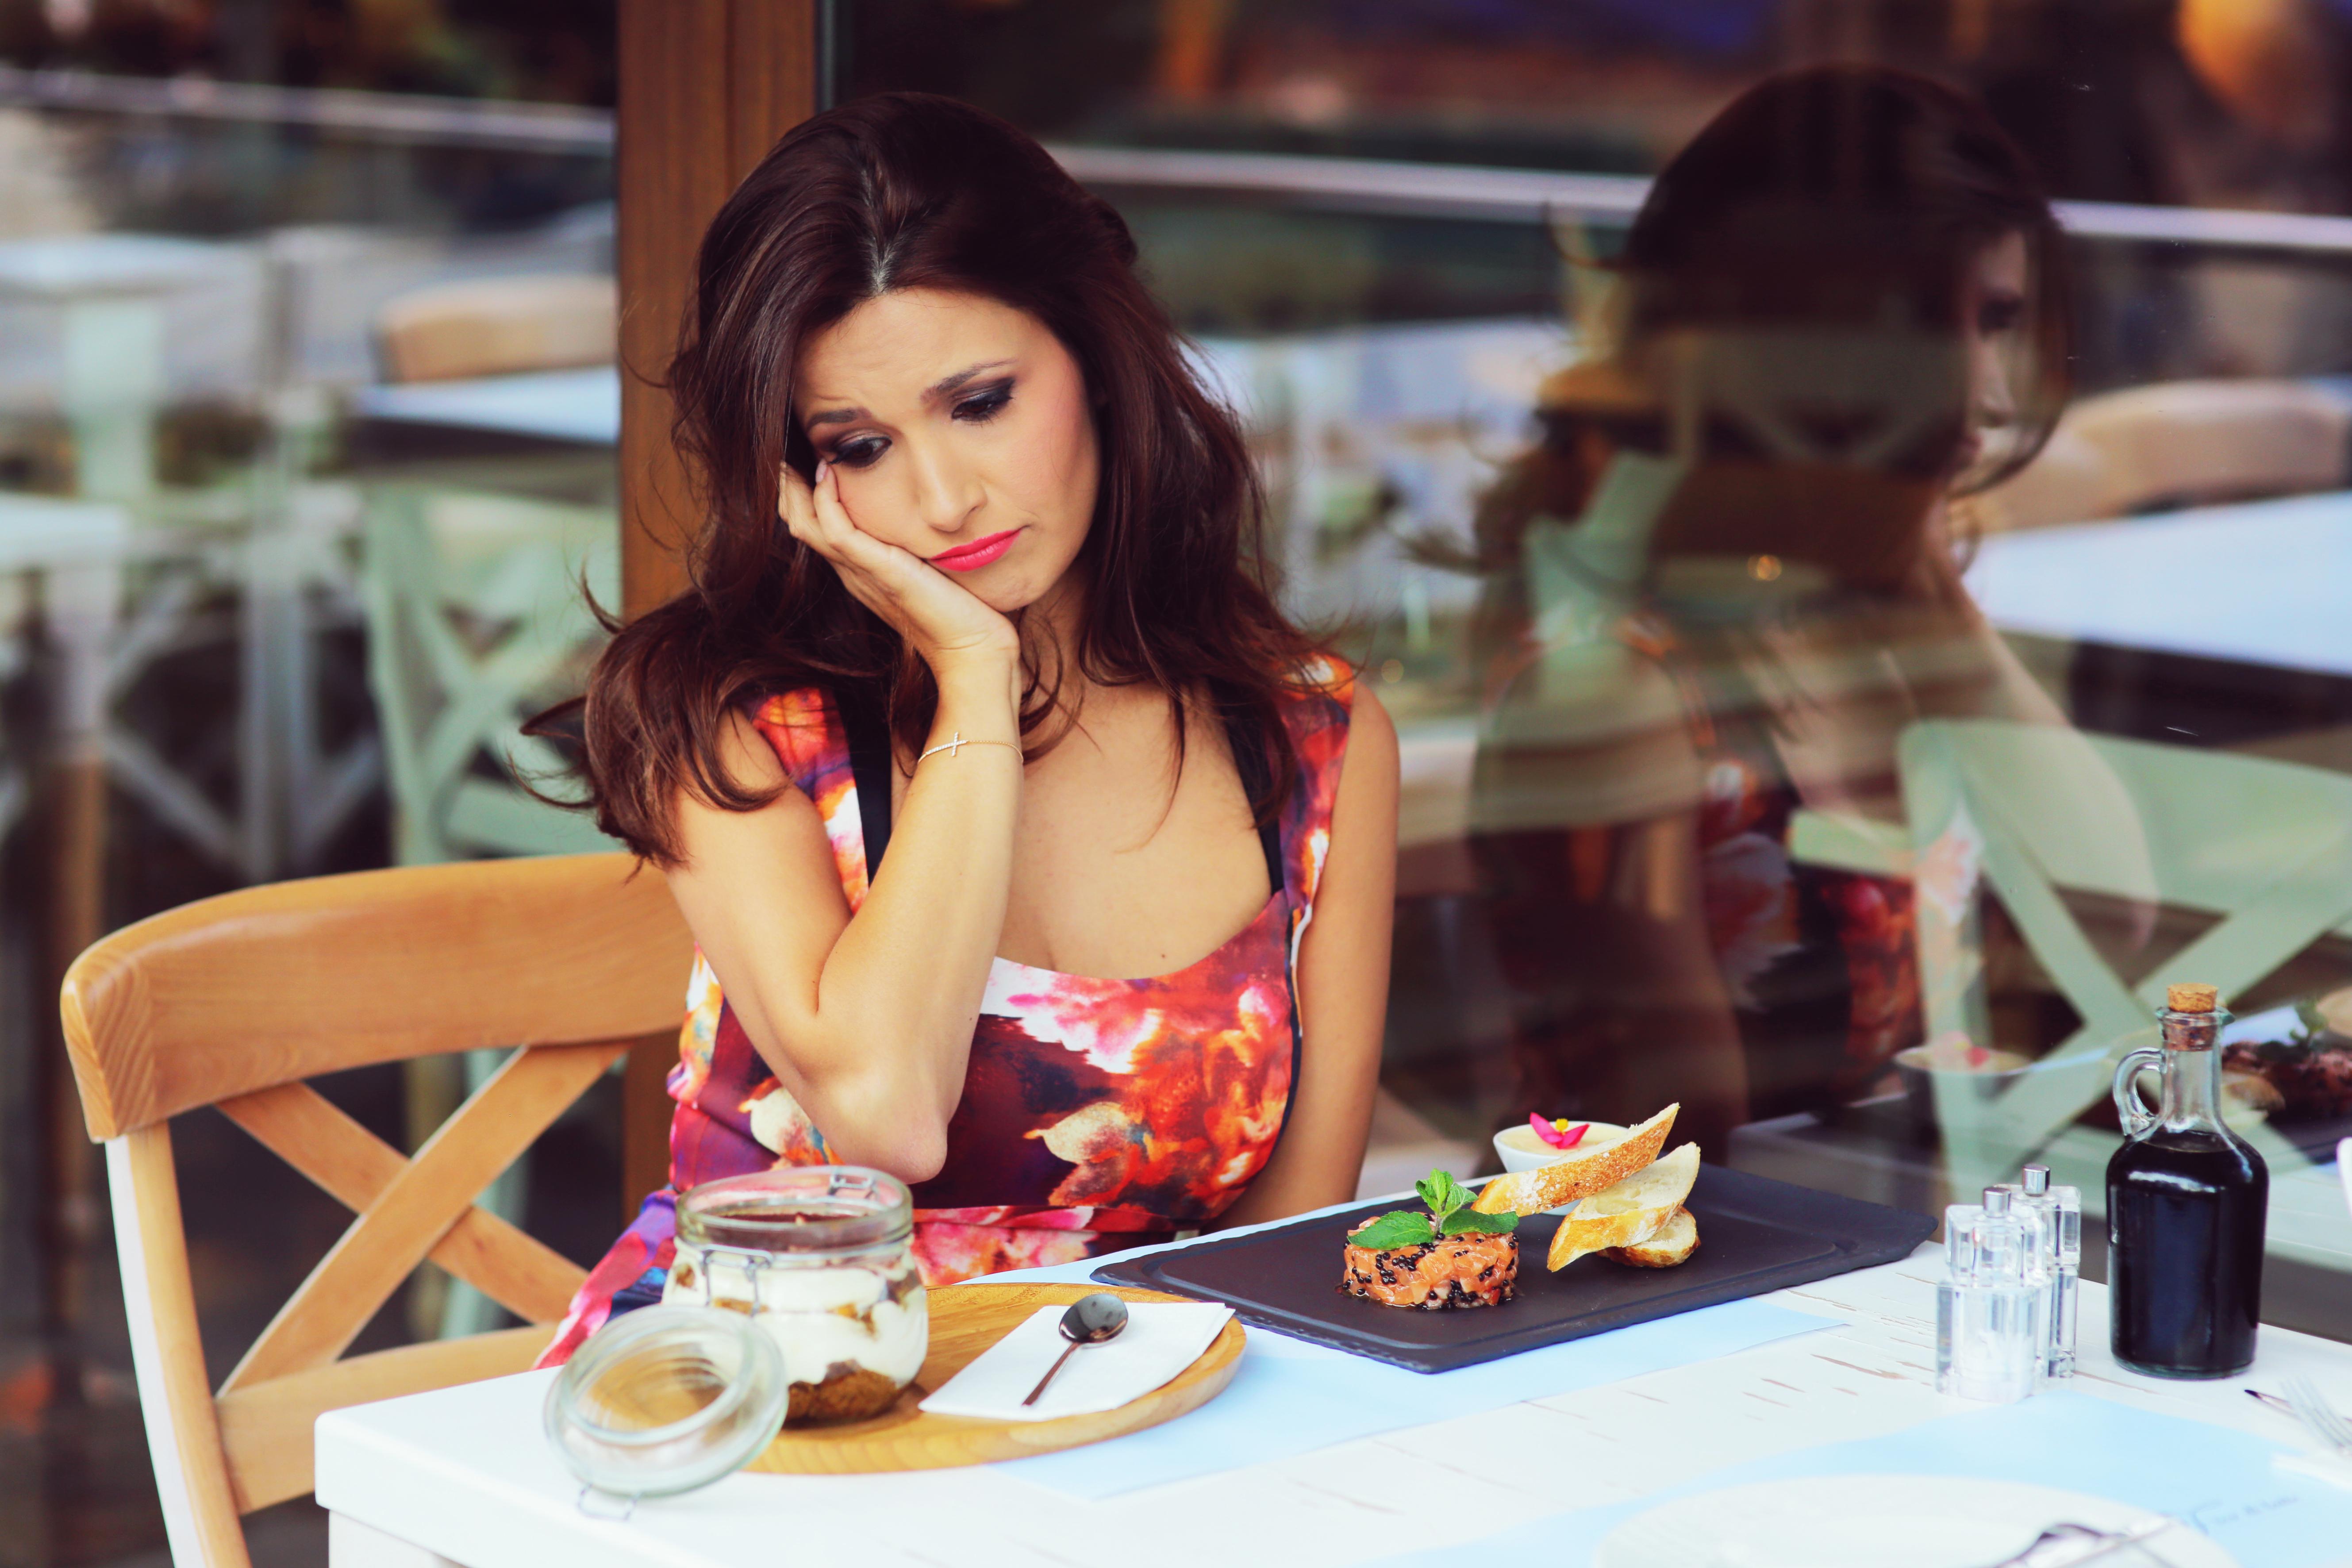 Dulce VS sărat: 4 trucuri care mă ajută să nu cad în extreme